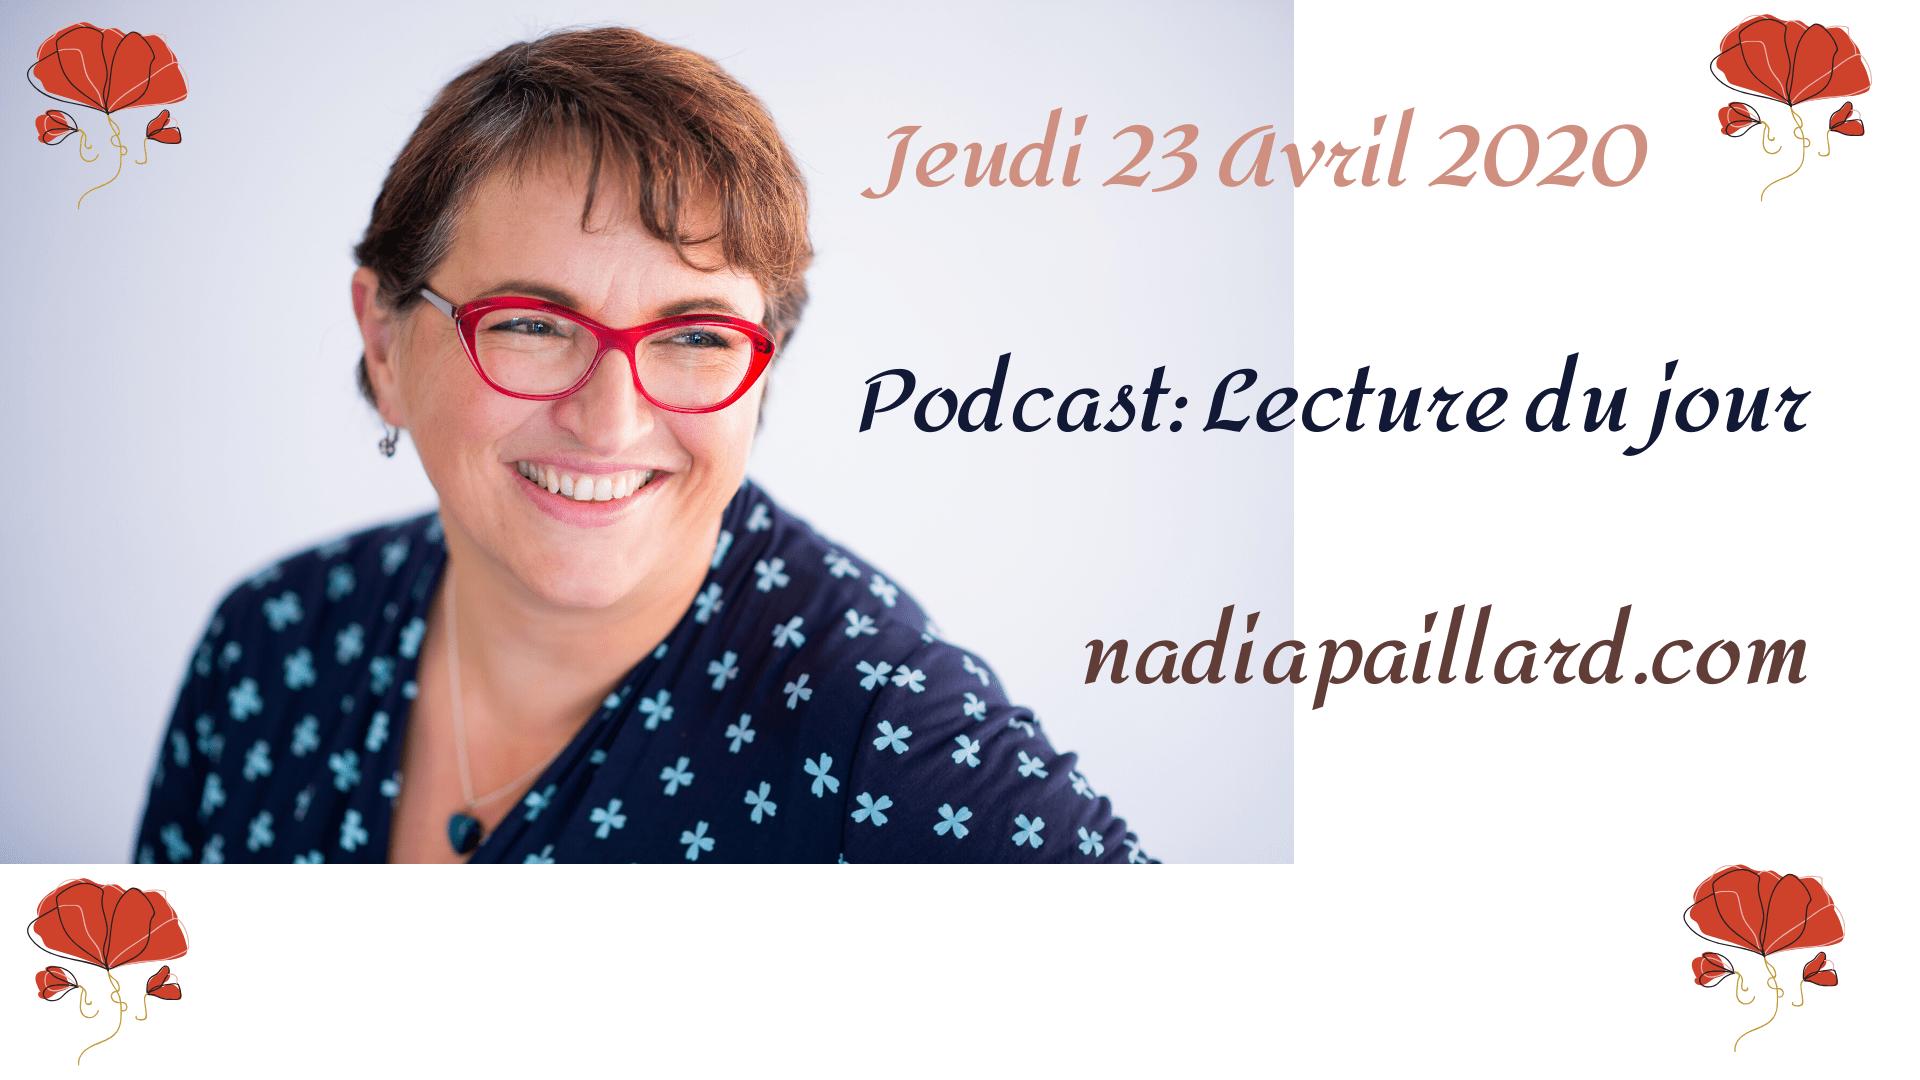 Podcast-Vidéo,Lecture du jour,Jeudi 23 Avril 2020 by Nadia PAILLARD Coach, fêtes à souhaiter, lecture de 2 extraits de livre